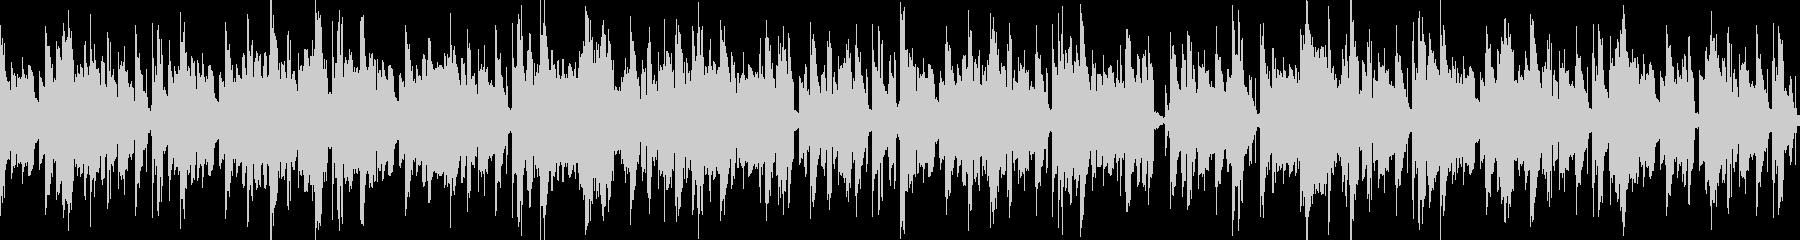 無骨重低音機械的ブイブイループBGMの未再生の波形